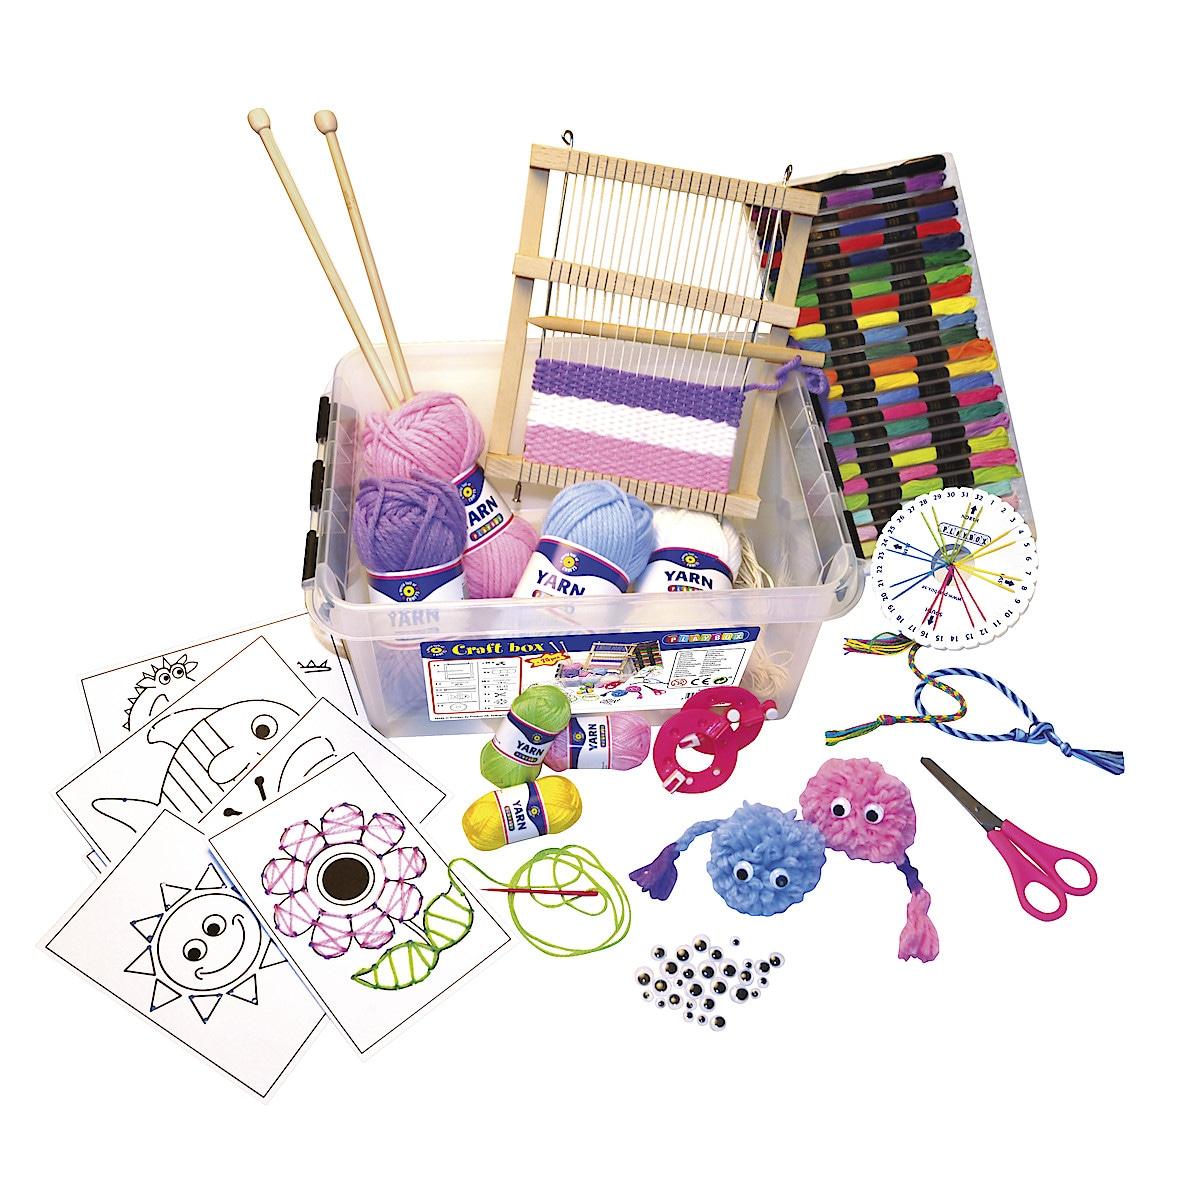 Sewing Craft Kit